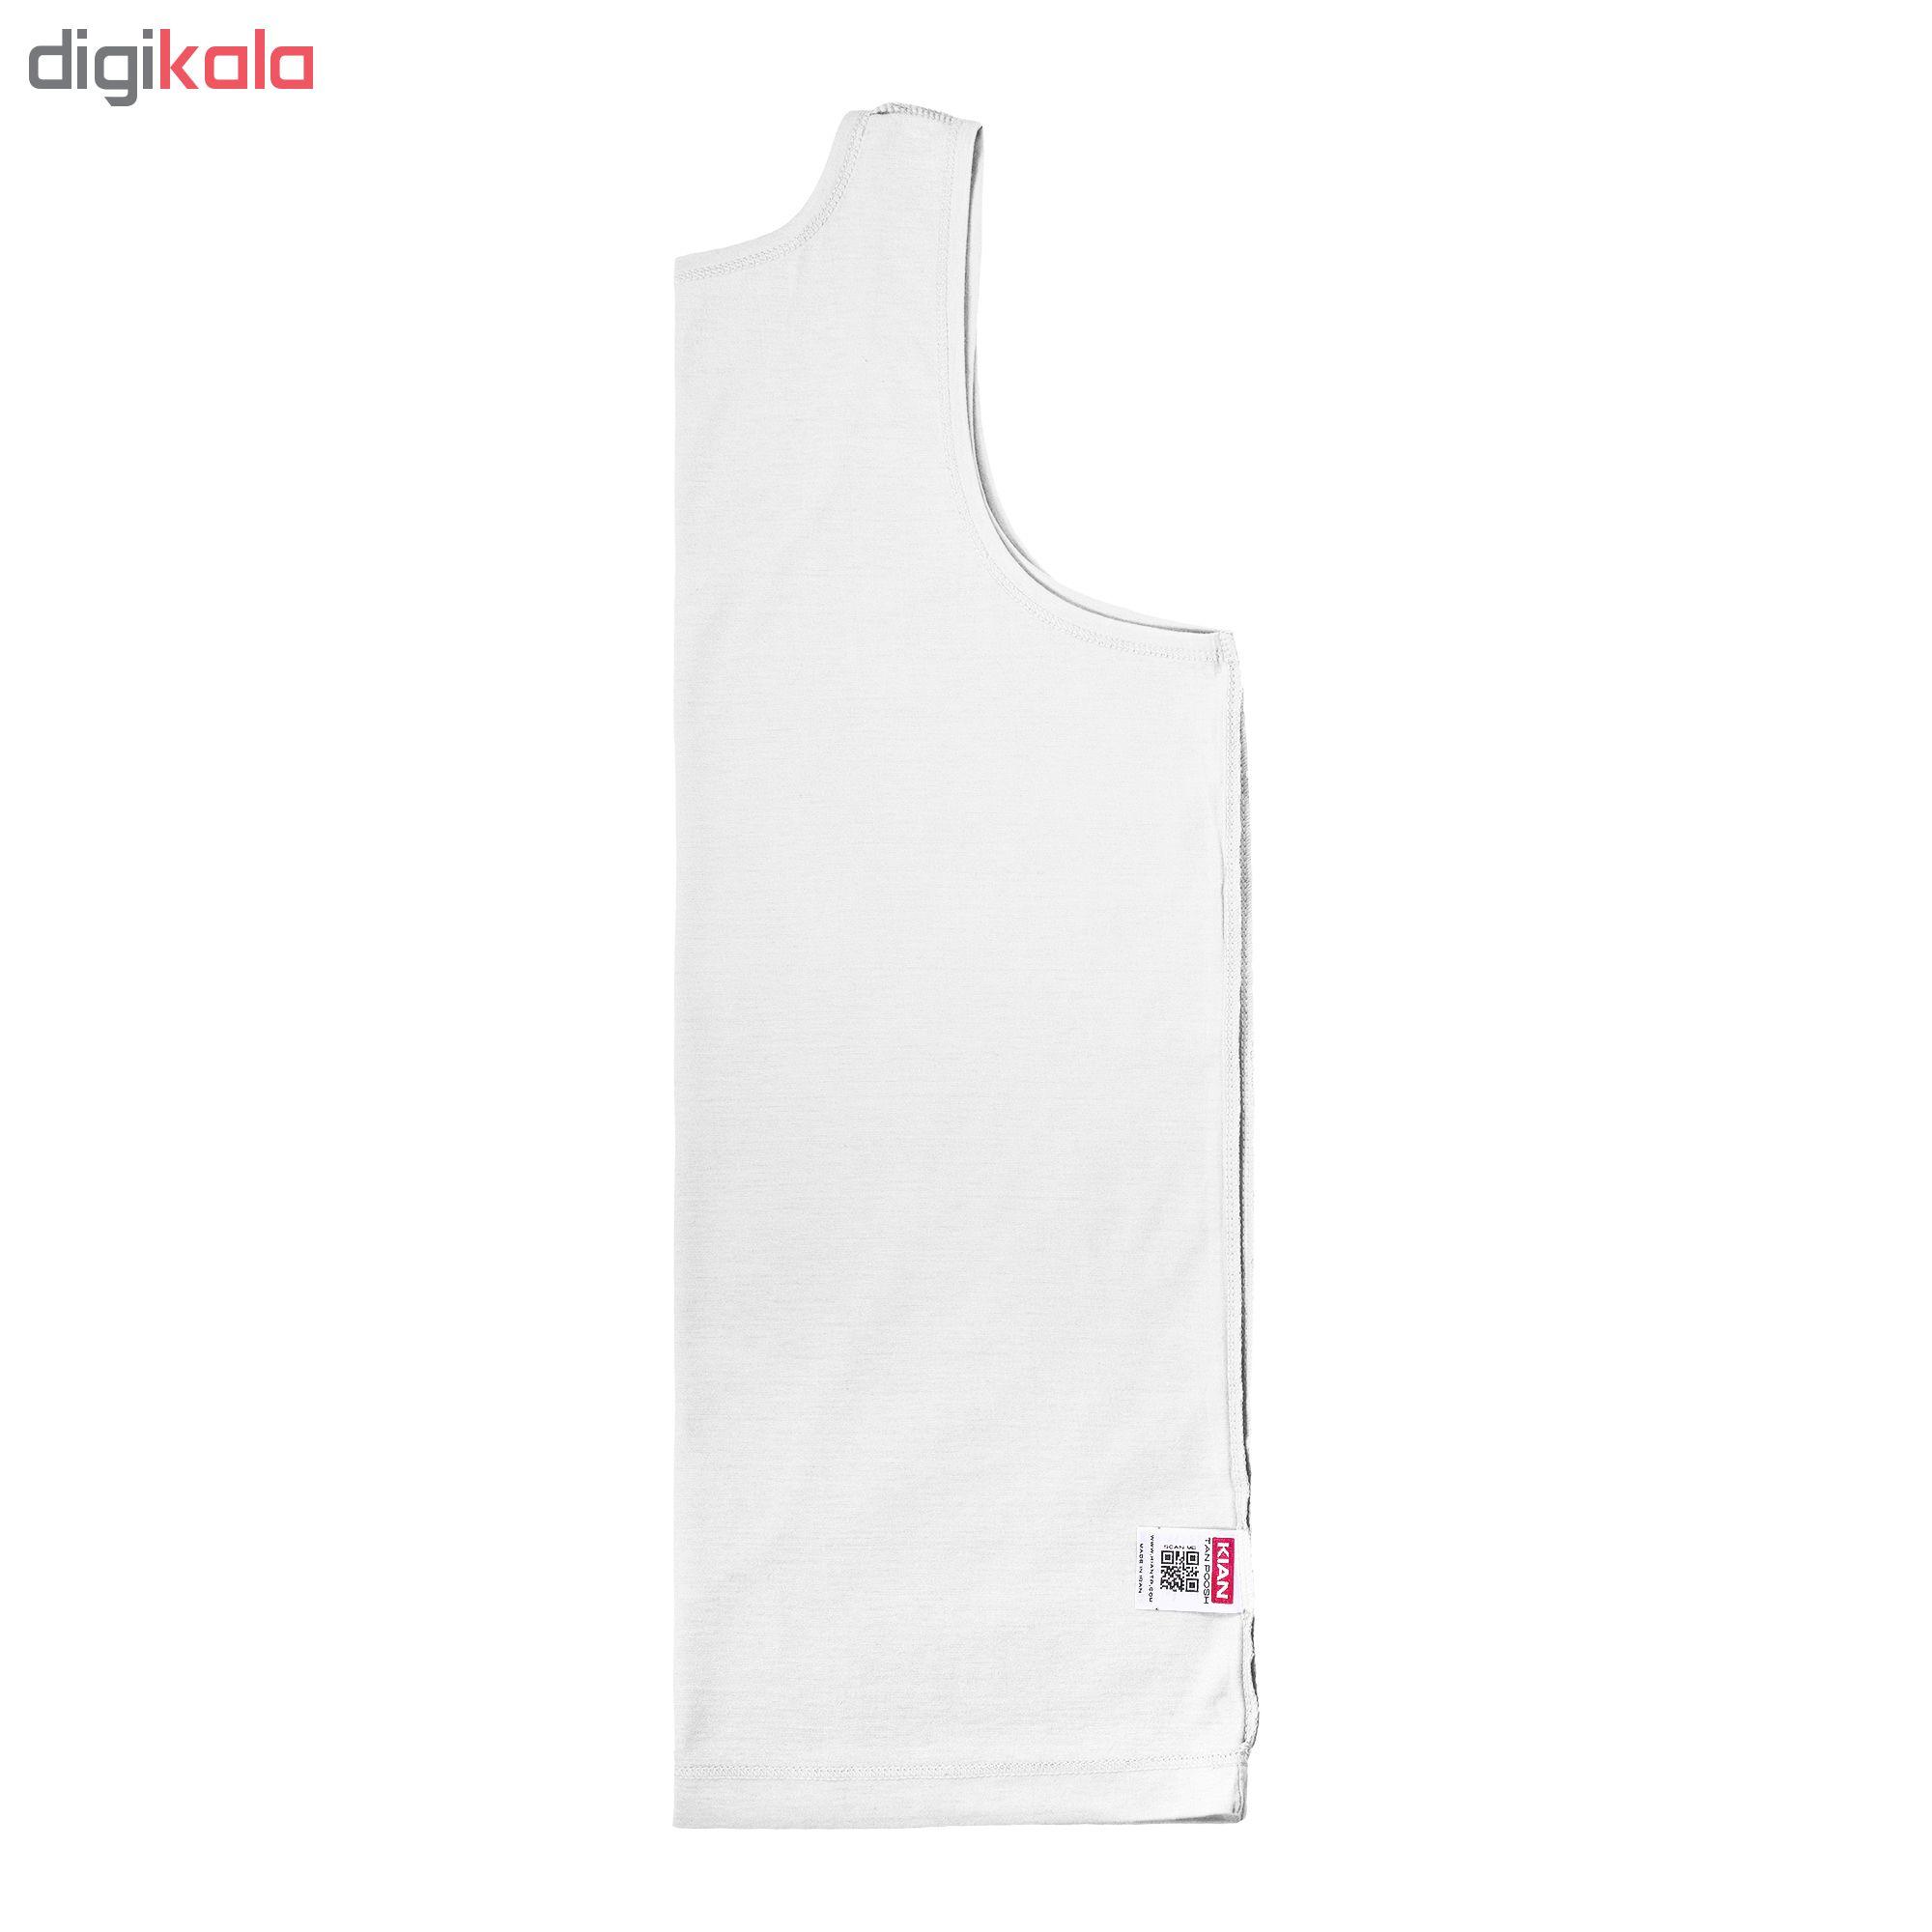 زیرپوش رکابی مردانه کیان تن پوش مدل A Shirt Classic W بسته ۳ عددی main 1 4